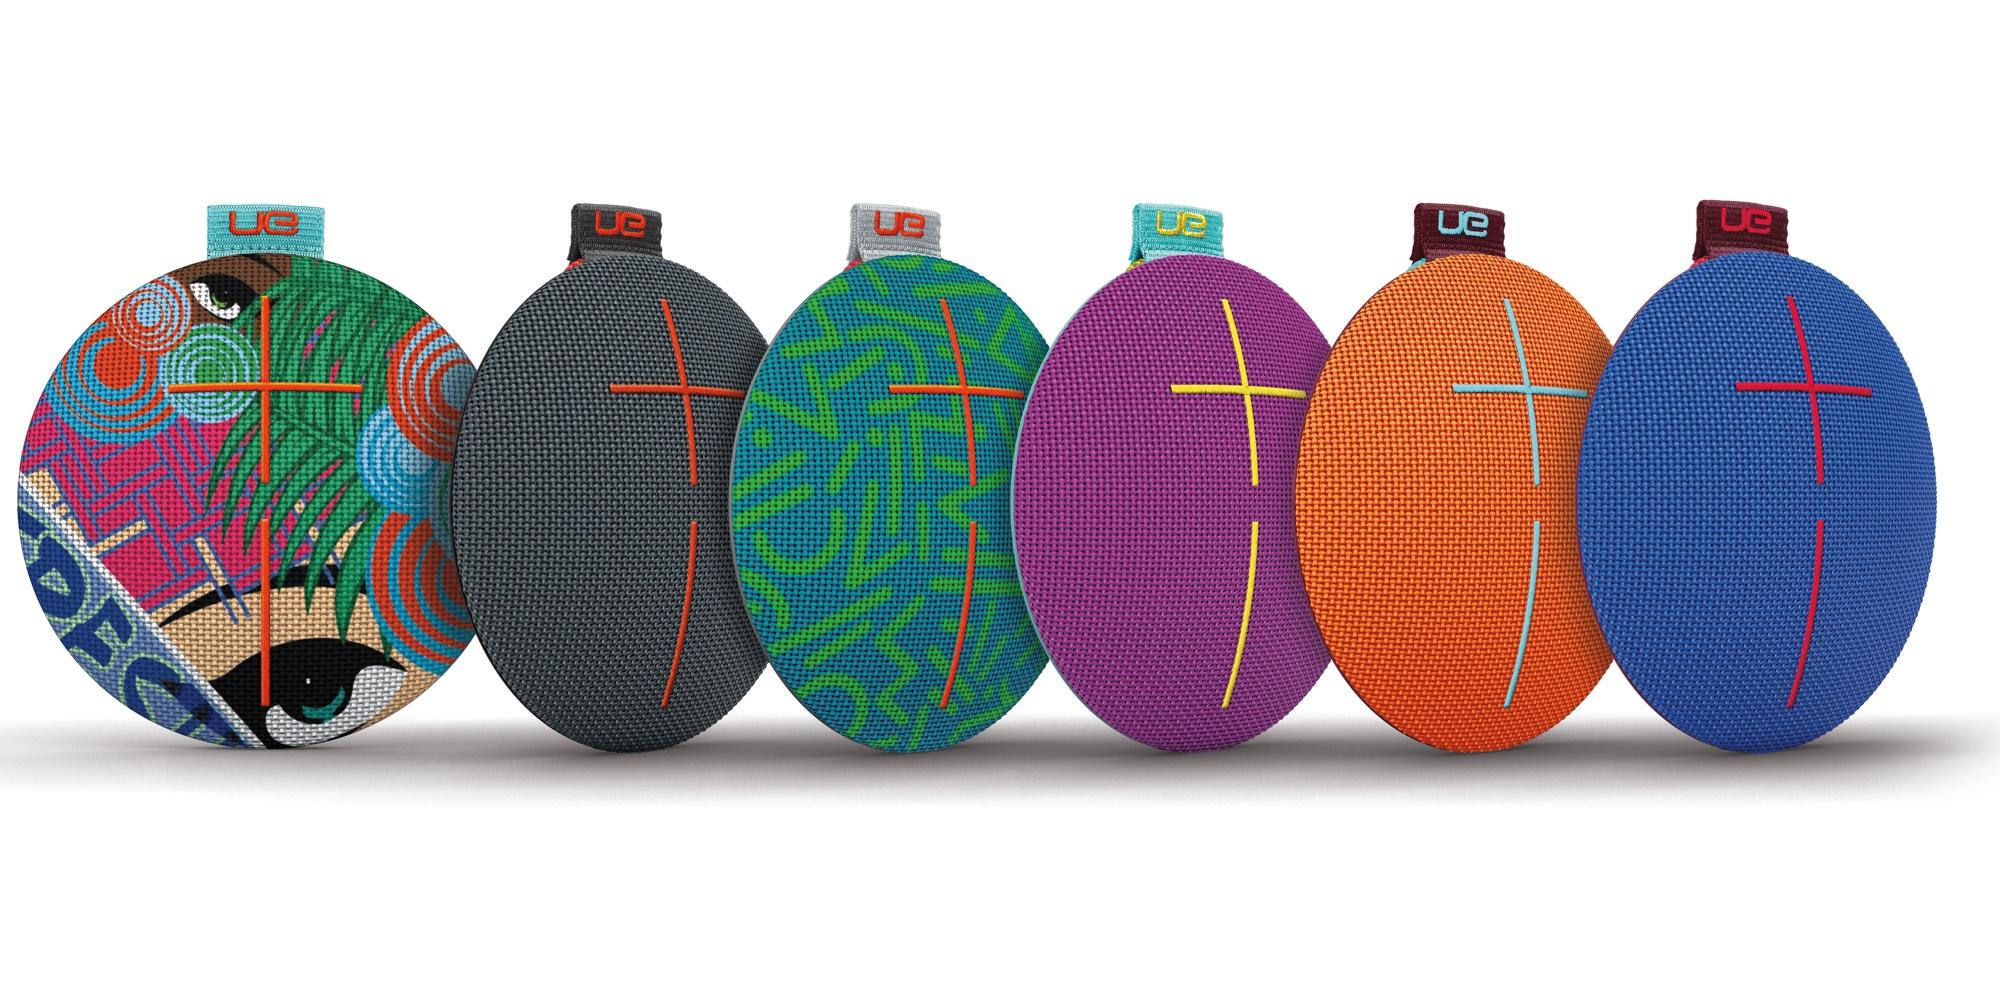 """<span href=""""https://9to5mac.com/2016/05/24/ue-roll-2-review/"""">La UE Rollo 2 es de este verano el mejor altavoz Bluetooth, pero nosotros no le recomendamos que lo compre</a>"""